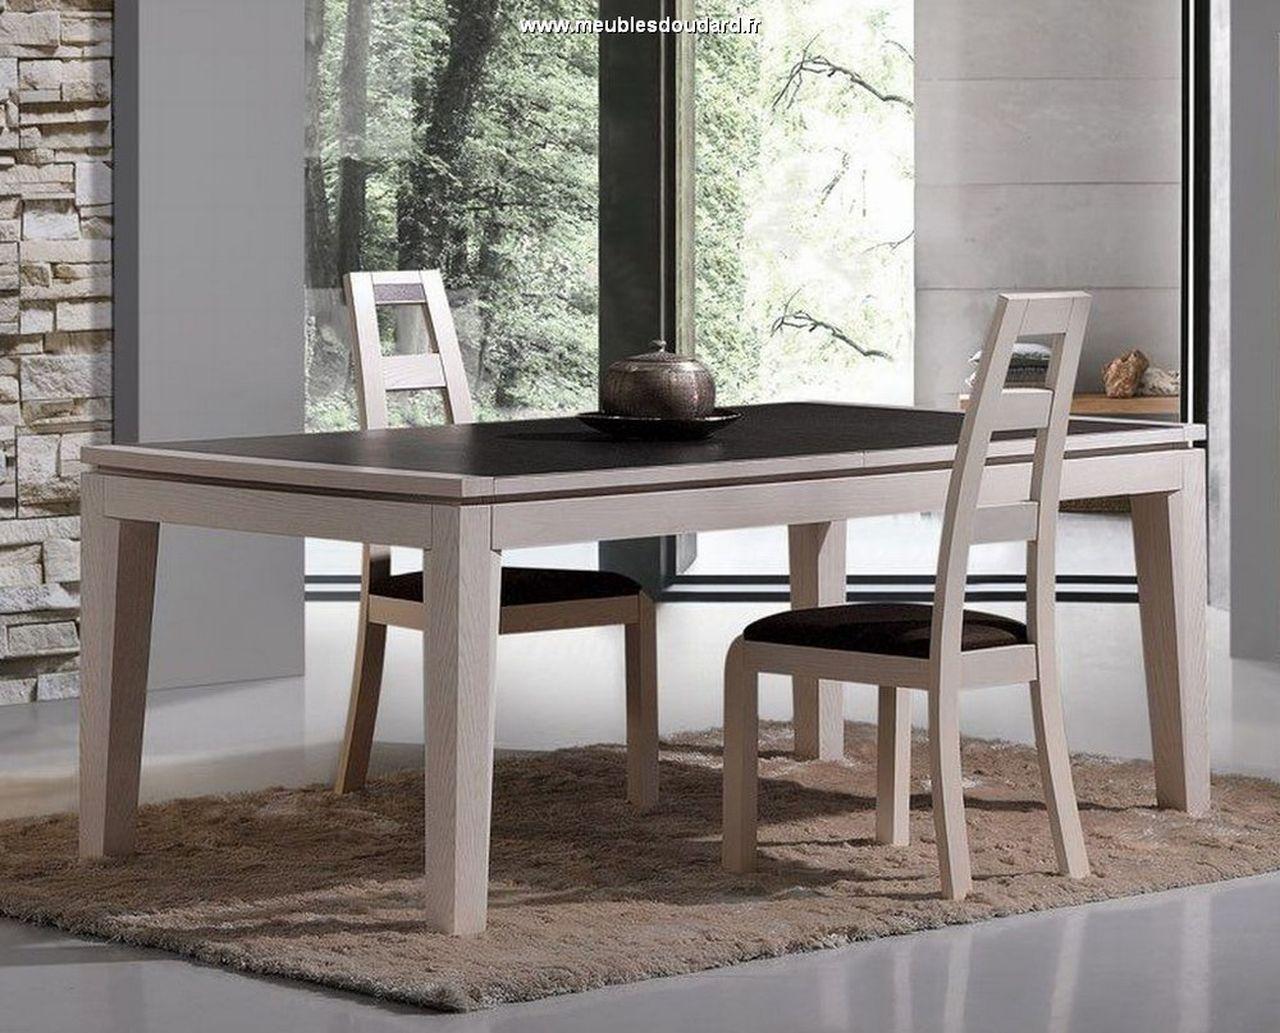 Salle à manger moderne en bois blanchi STELLA